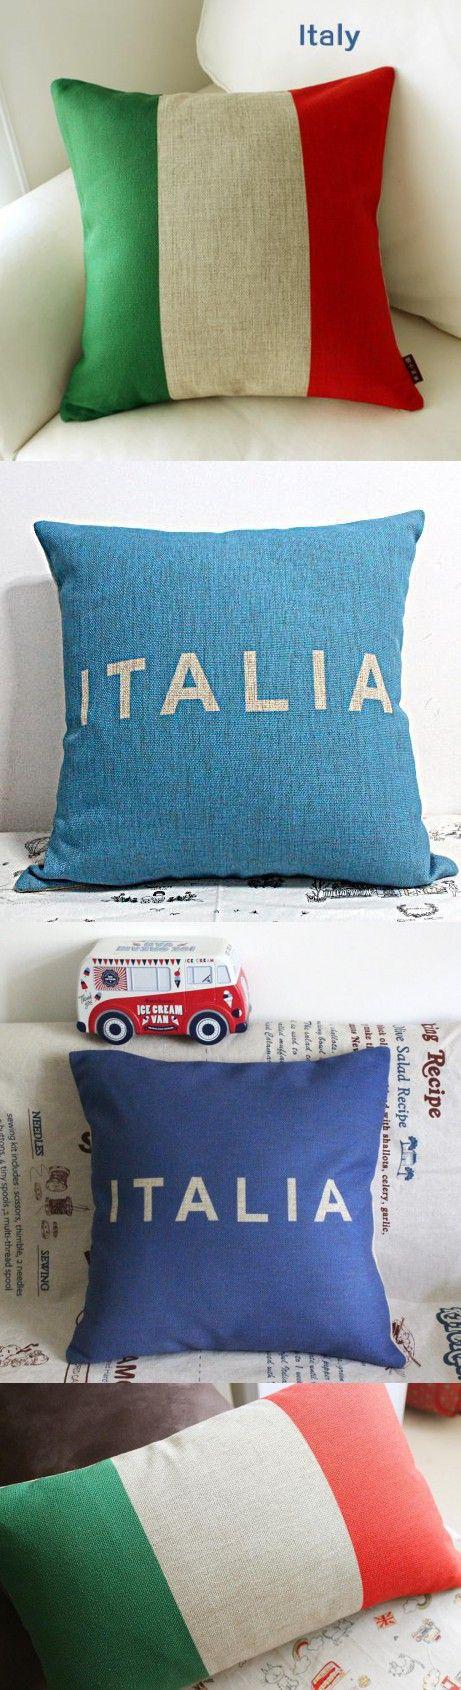 Italian Flag pillow case, Italy pillowcase, simple logo Flag of Italy throw pillow case pillow cover no core $11.14